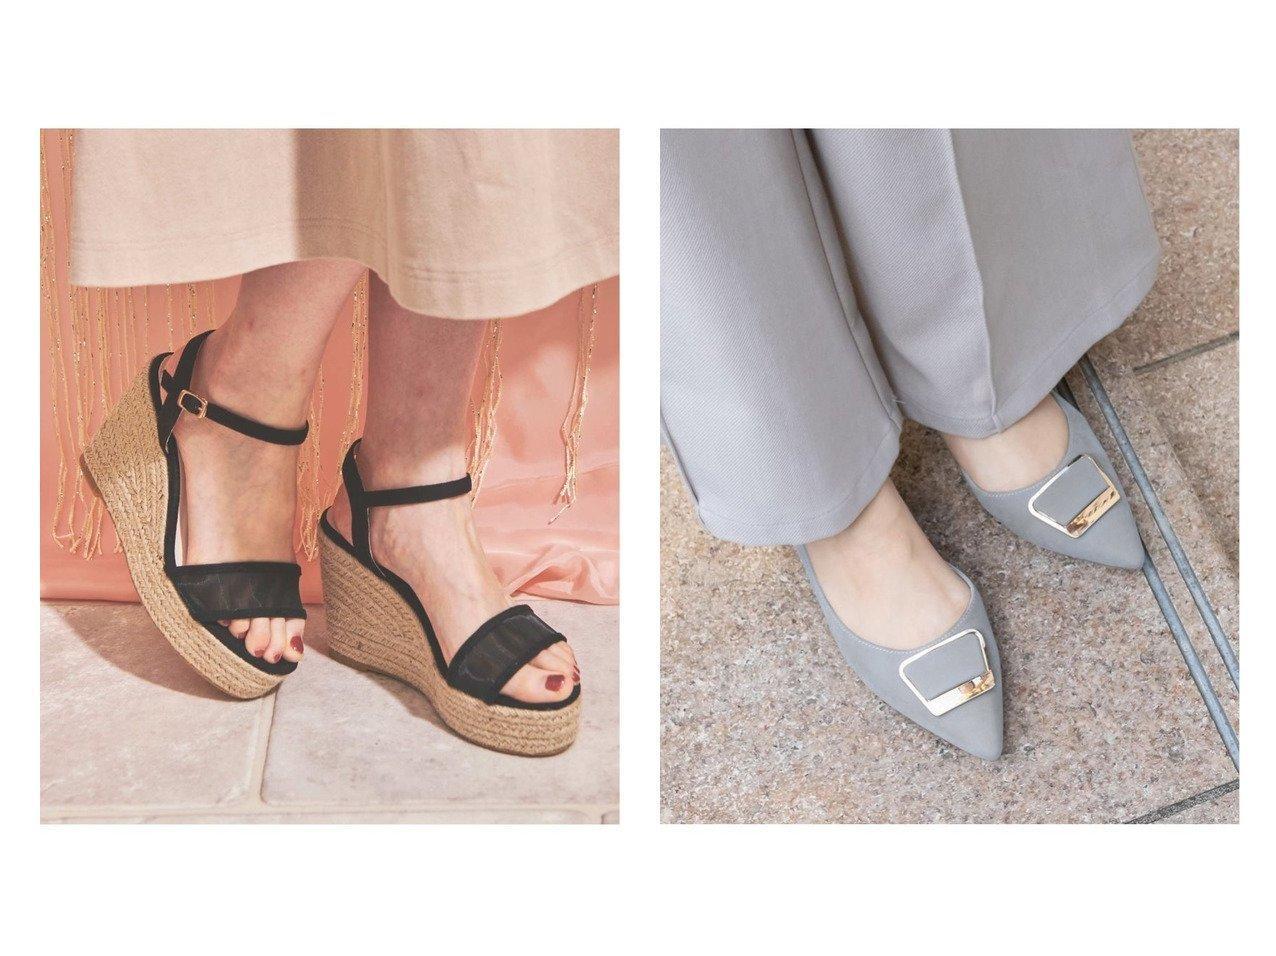 【RANDA/ランダ】のゴールドパーツサイドオープンポインテッドトゥパンプス&【Noela/ノエラ】のストラップジュードサンダル 【シューズ・靴】おすすめ!人気、トレンド・レディースファッションの通販 おすすめファッション通販アイテム インテリア・キッズ・メンズ・レディースファッション・服の通販 founy(ファニー)  ファッション Fashion レディースファッション WOMEN サンダル シューズ ジュート バランス ミュール ロング NEW・新作・新着・新入荷 New Arrivals クッション ホワイト系 White ブラック系 Black ブラウン系 Brown ベージュ系 Beige ブルー系 Blue |ID:crp329100000037638